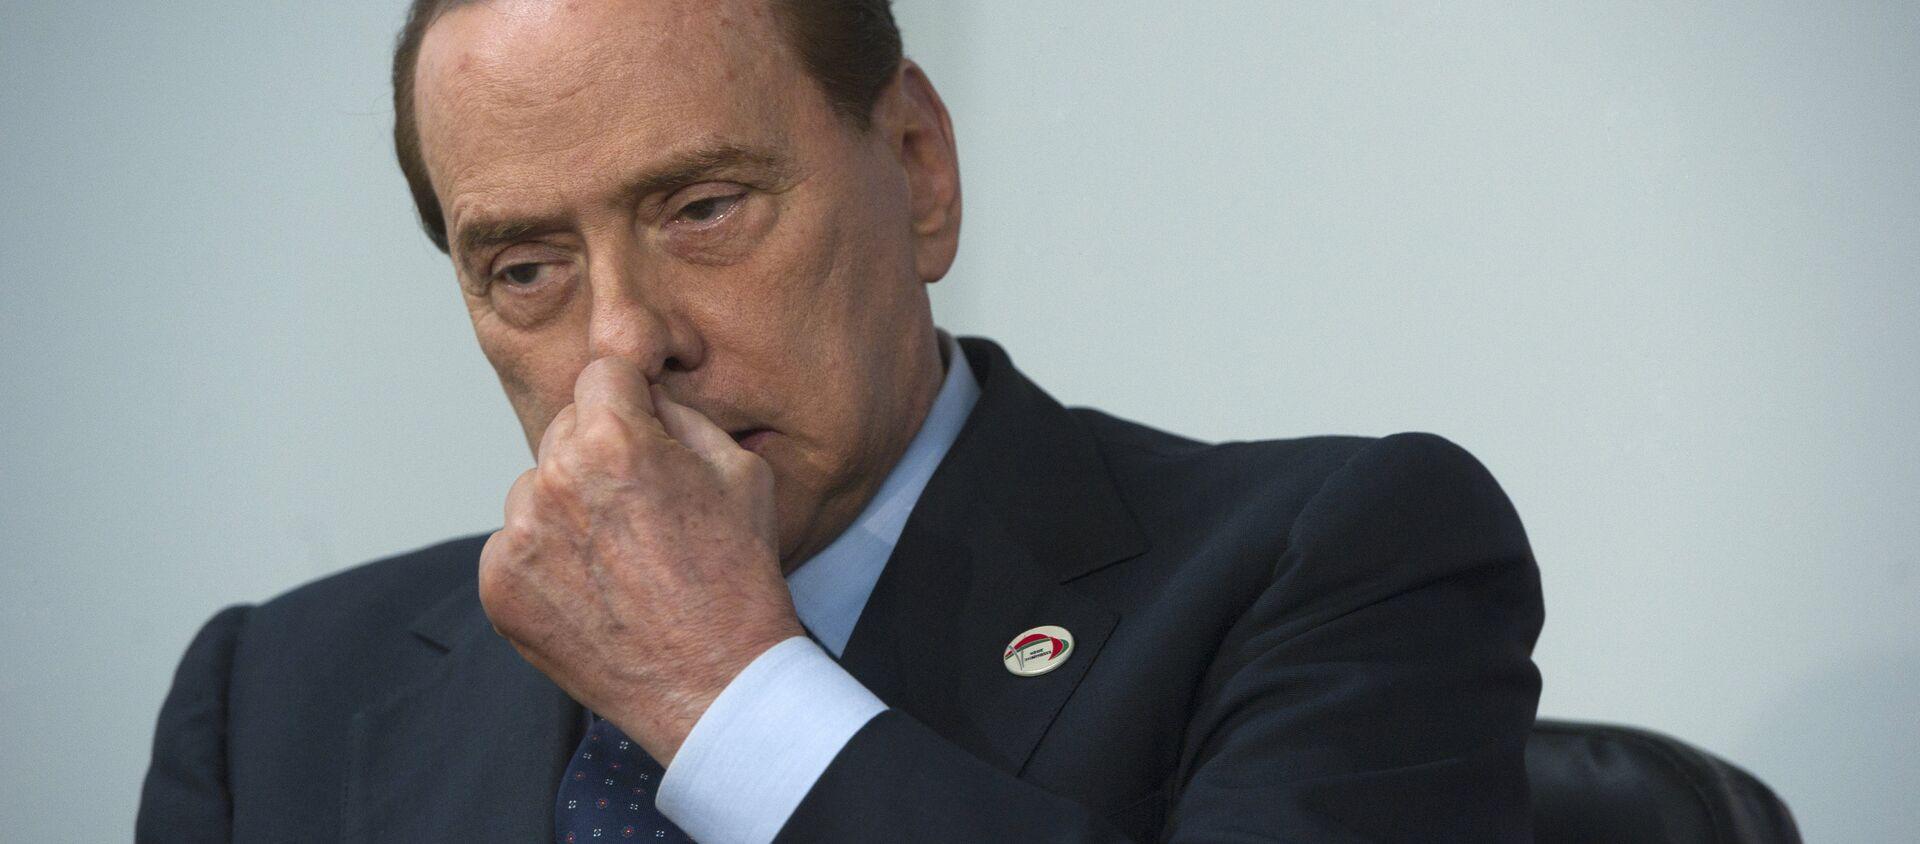 Silvio Berlusconi - Sputnik Mundo, 1920, 17.03.2019